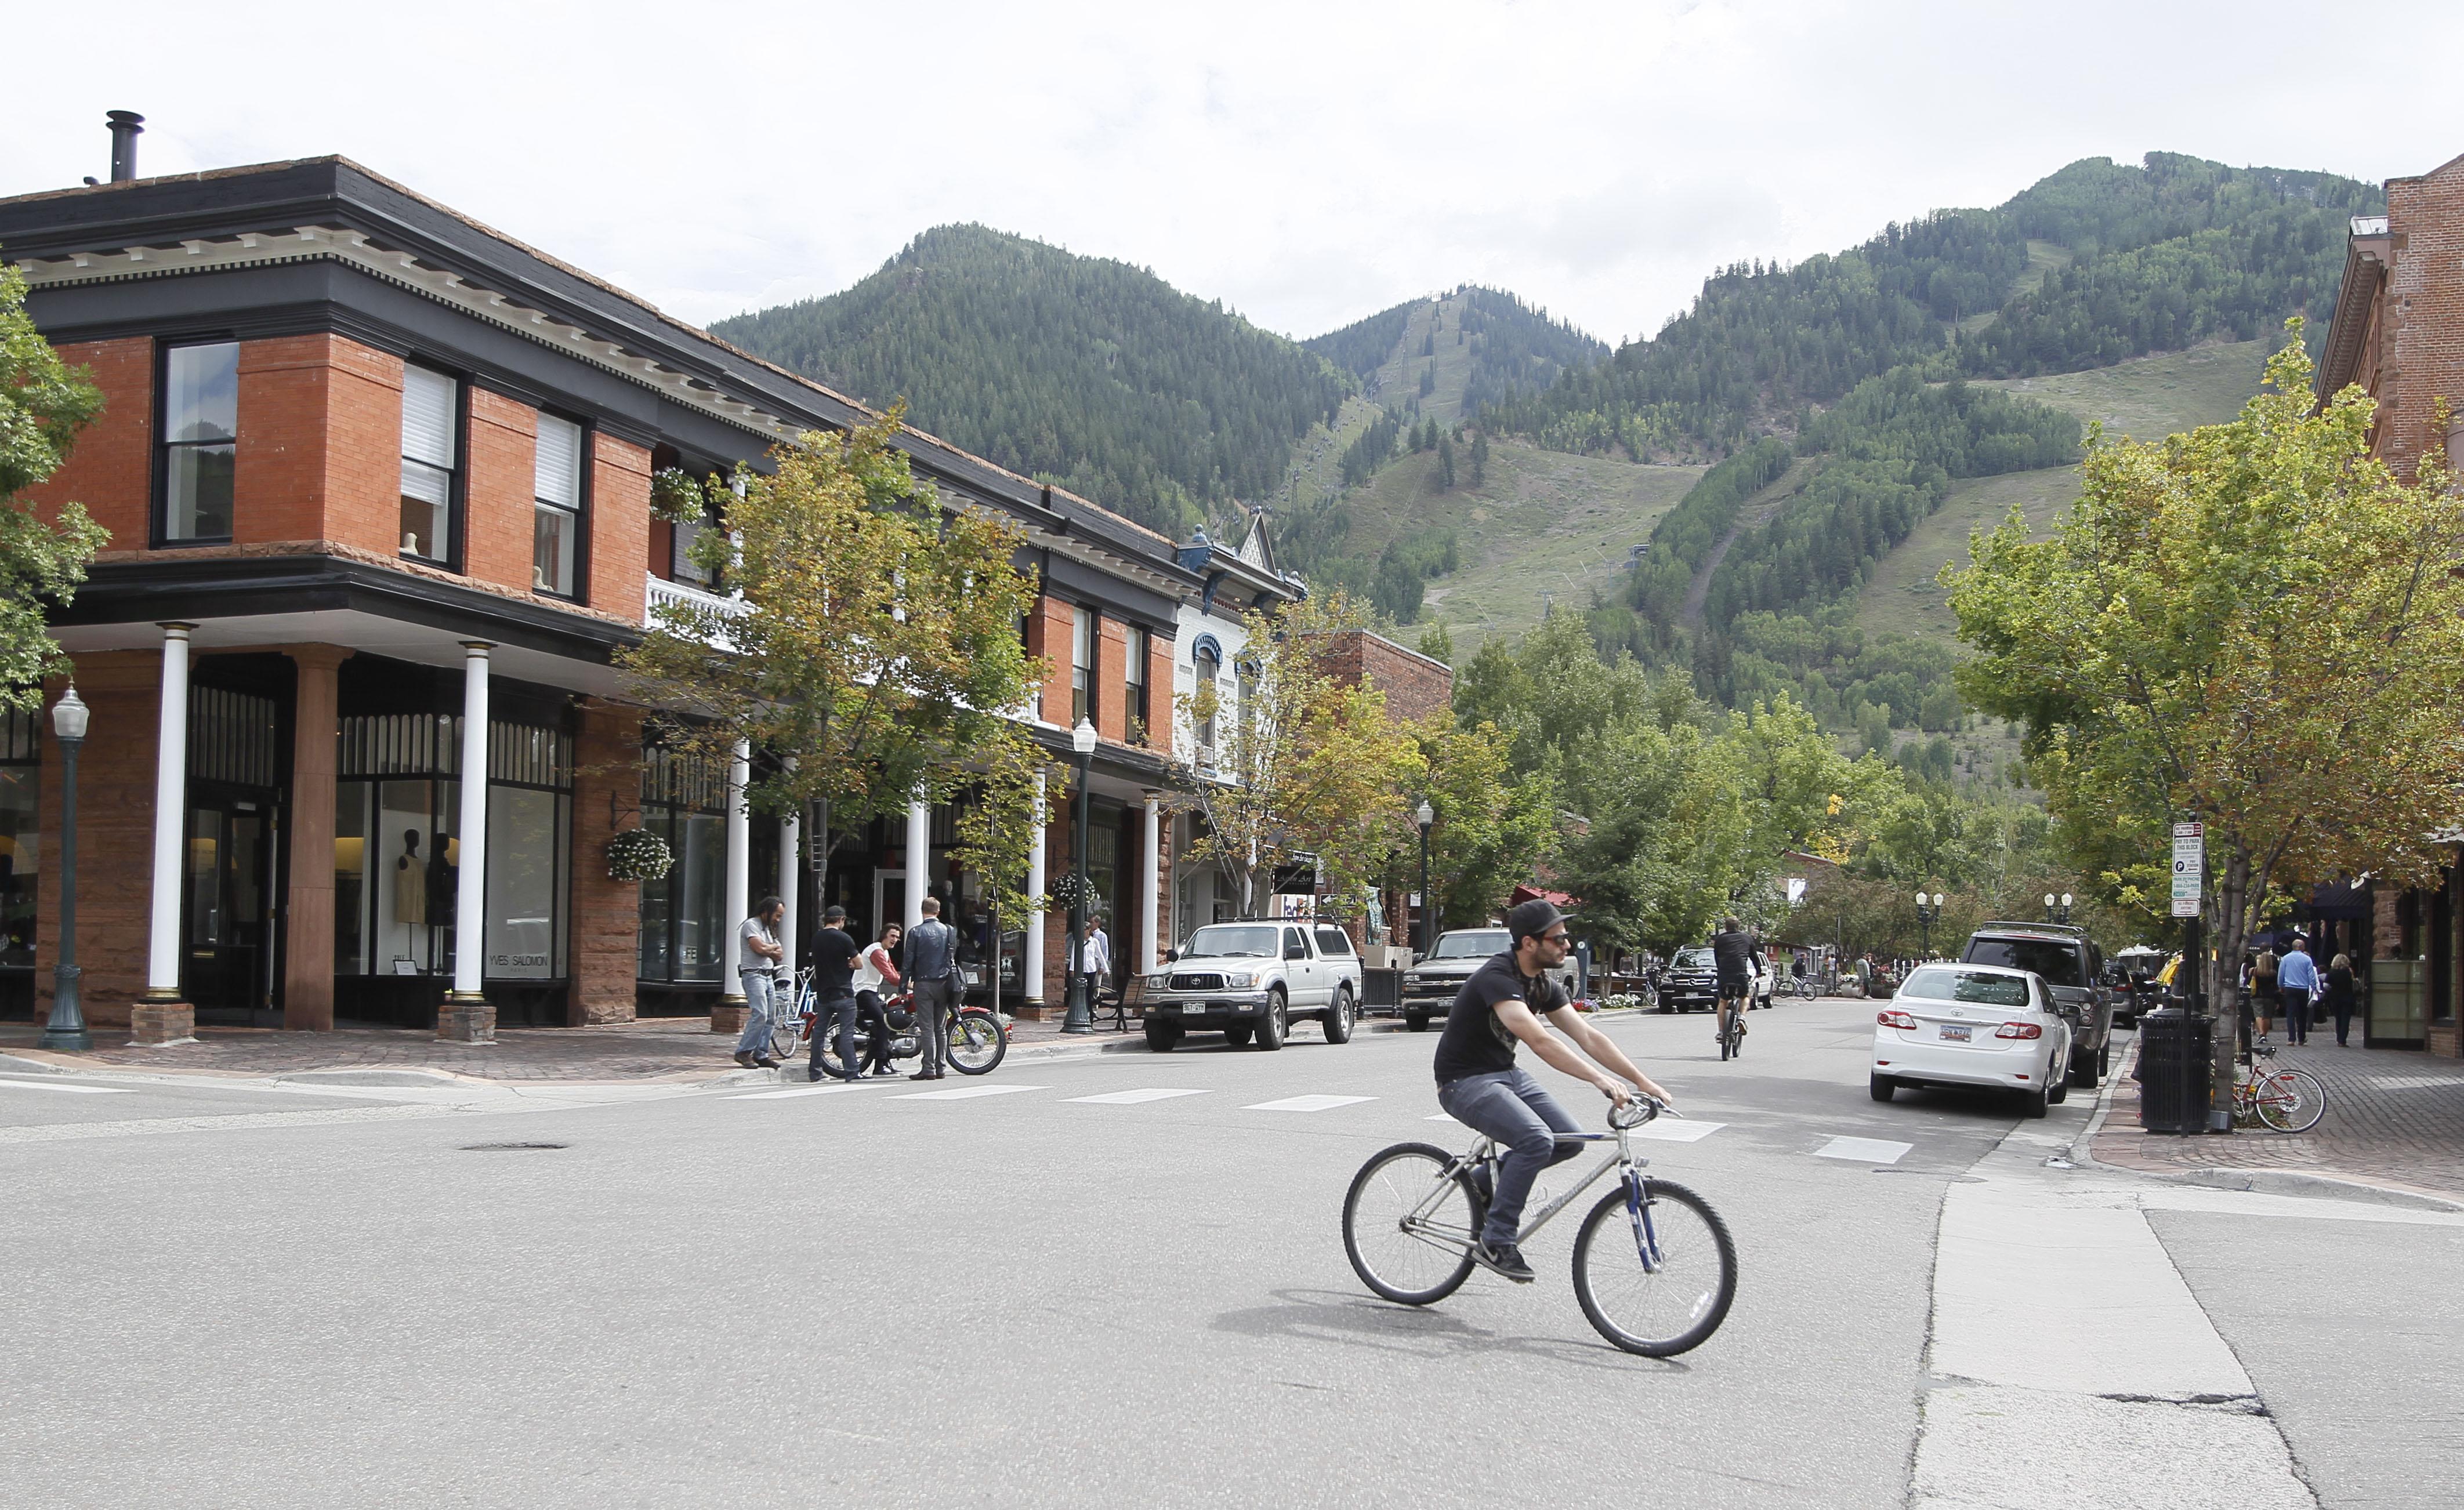 Photo: Main Street in Aspen (AP Photo)